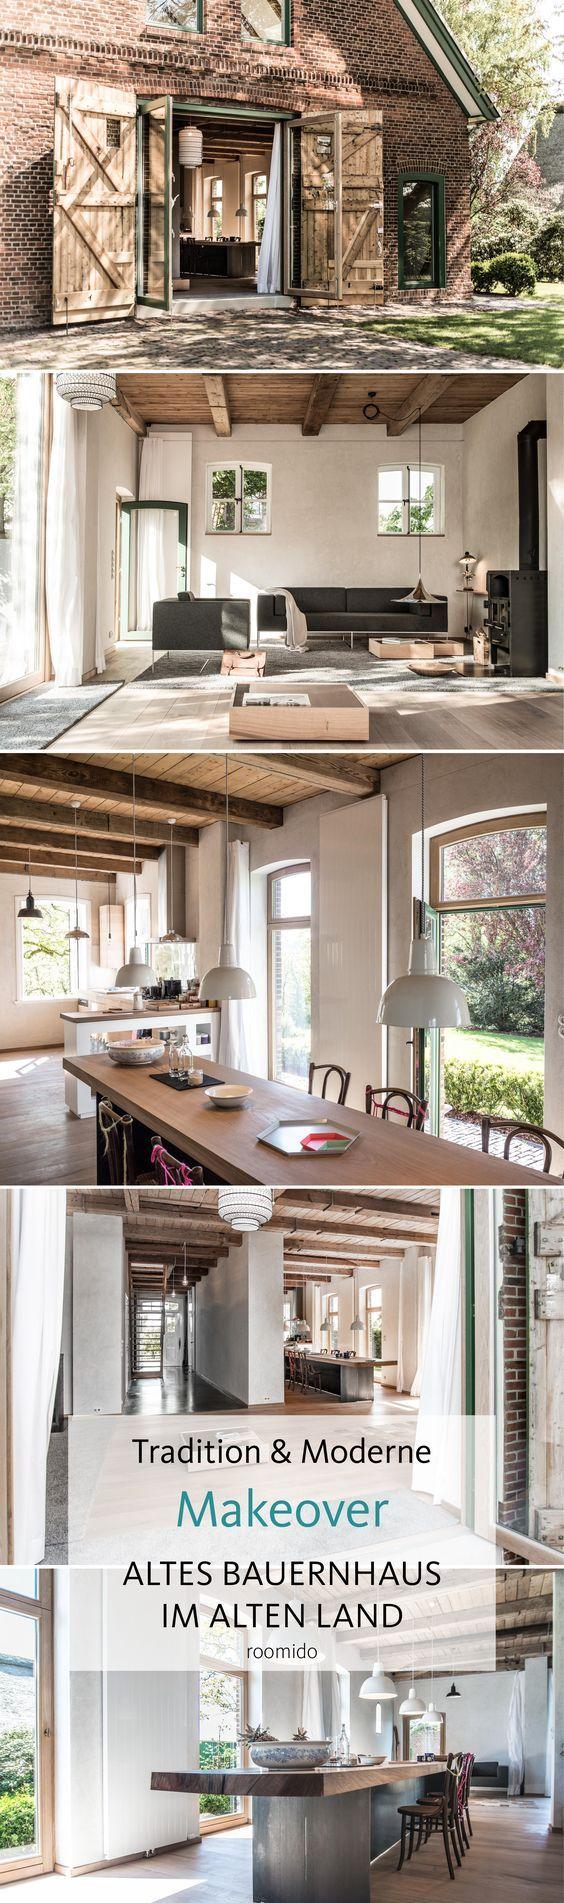 die besten 25+ wohn esszimmer ideen auf pinterest - Einrichtungsideen Wohnzimmer Esszimmer